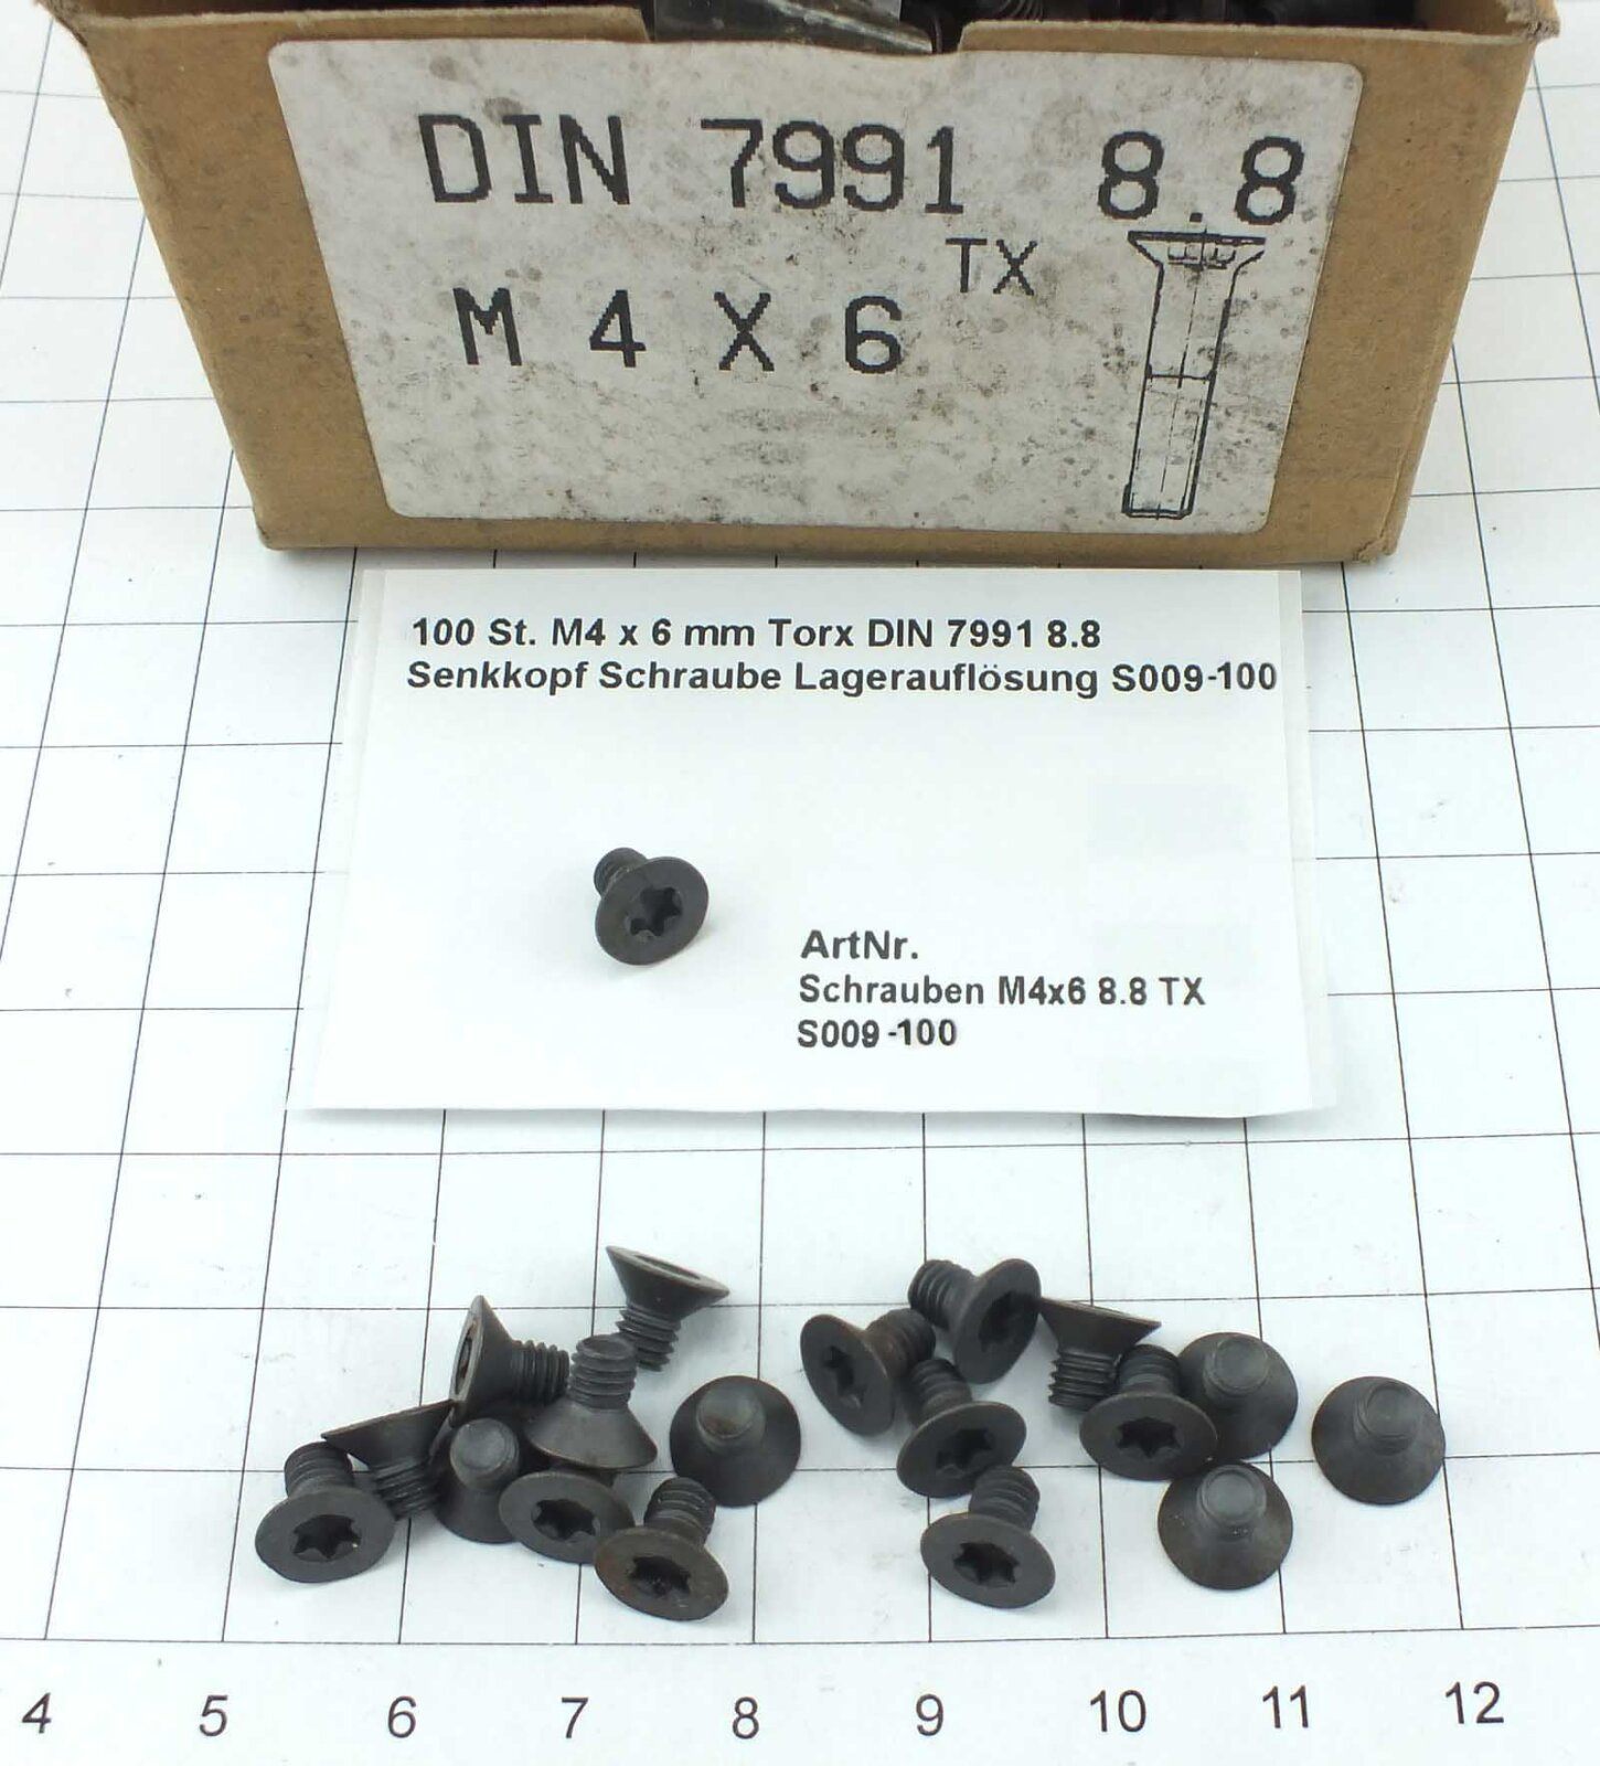 100 St M4 x 6 mm Torx DIN 7991 8.8 Senkkopf Schraube Lagerauflösung S009-100